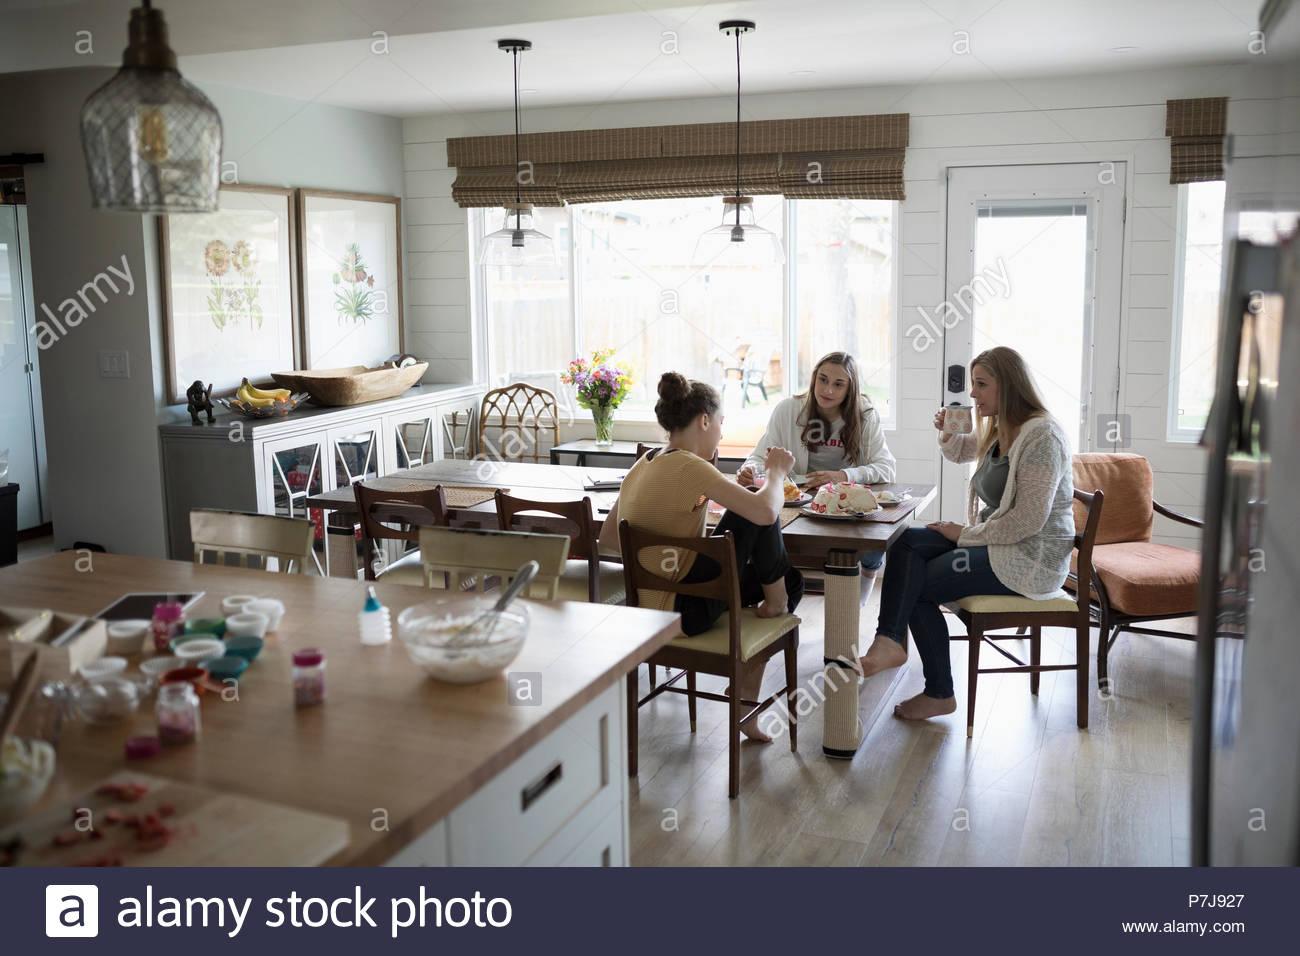 Madre e hijas adolescentes disfrutando de pastel de cumpleaños en la mesa Imagen De Stock